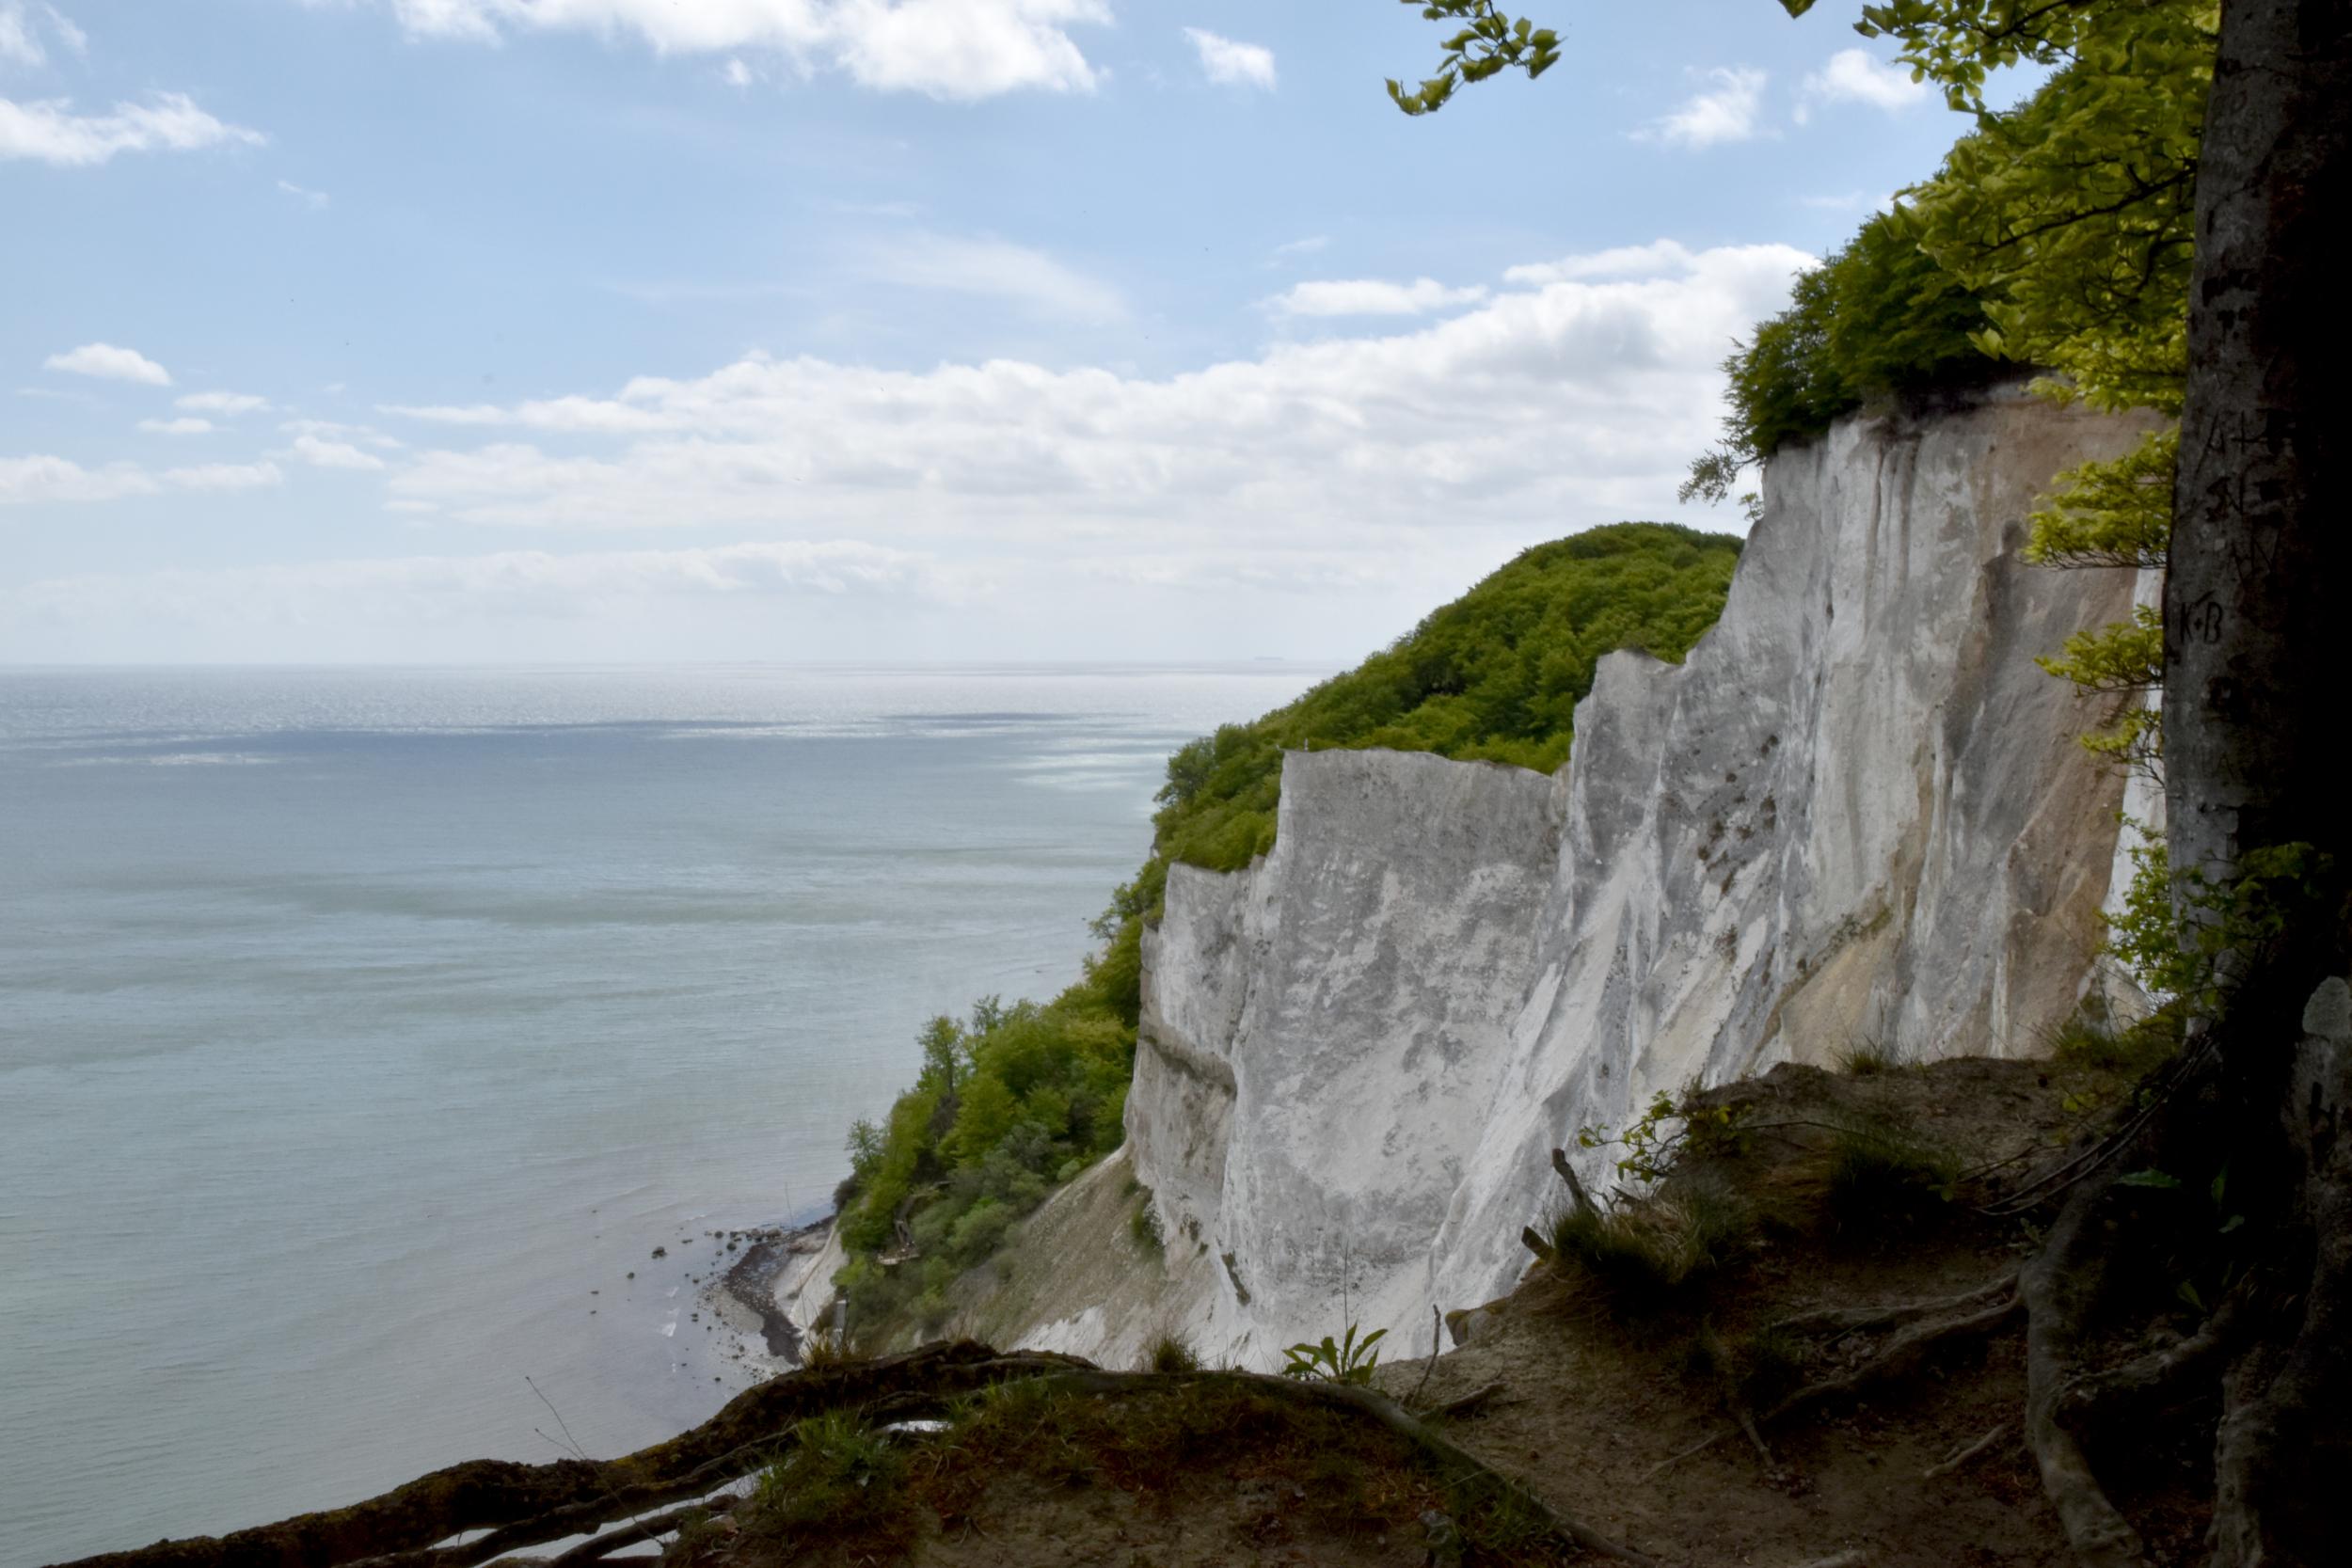 Hav og skovbeklædt klint